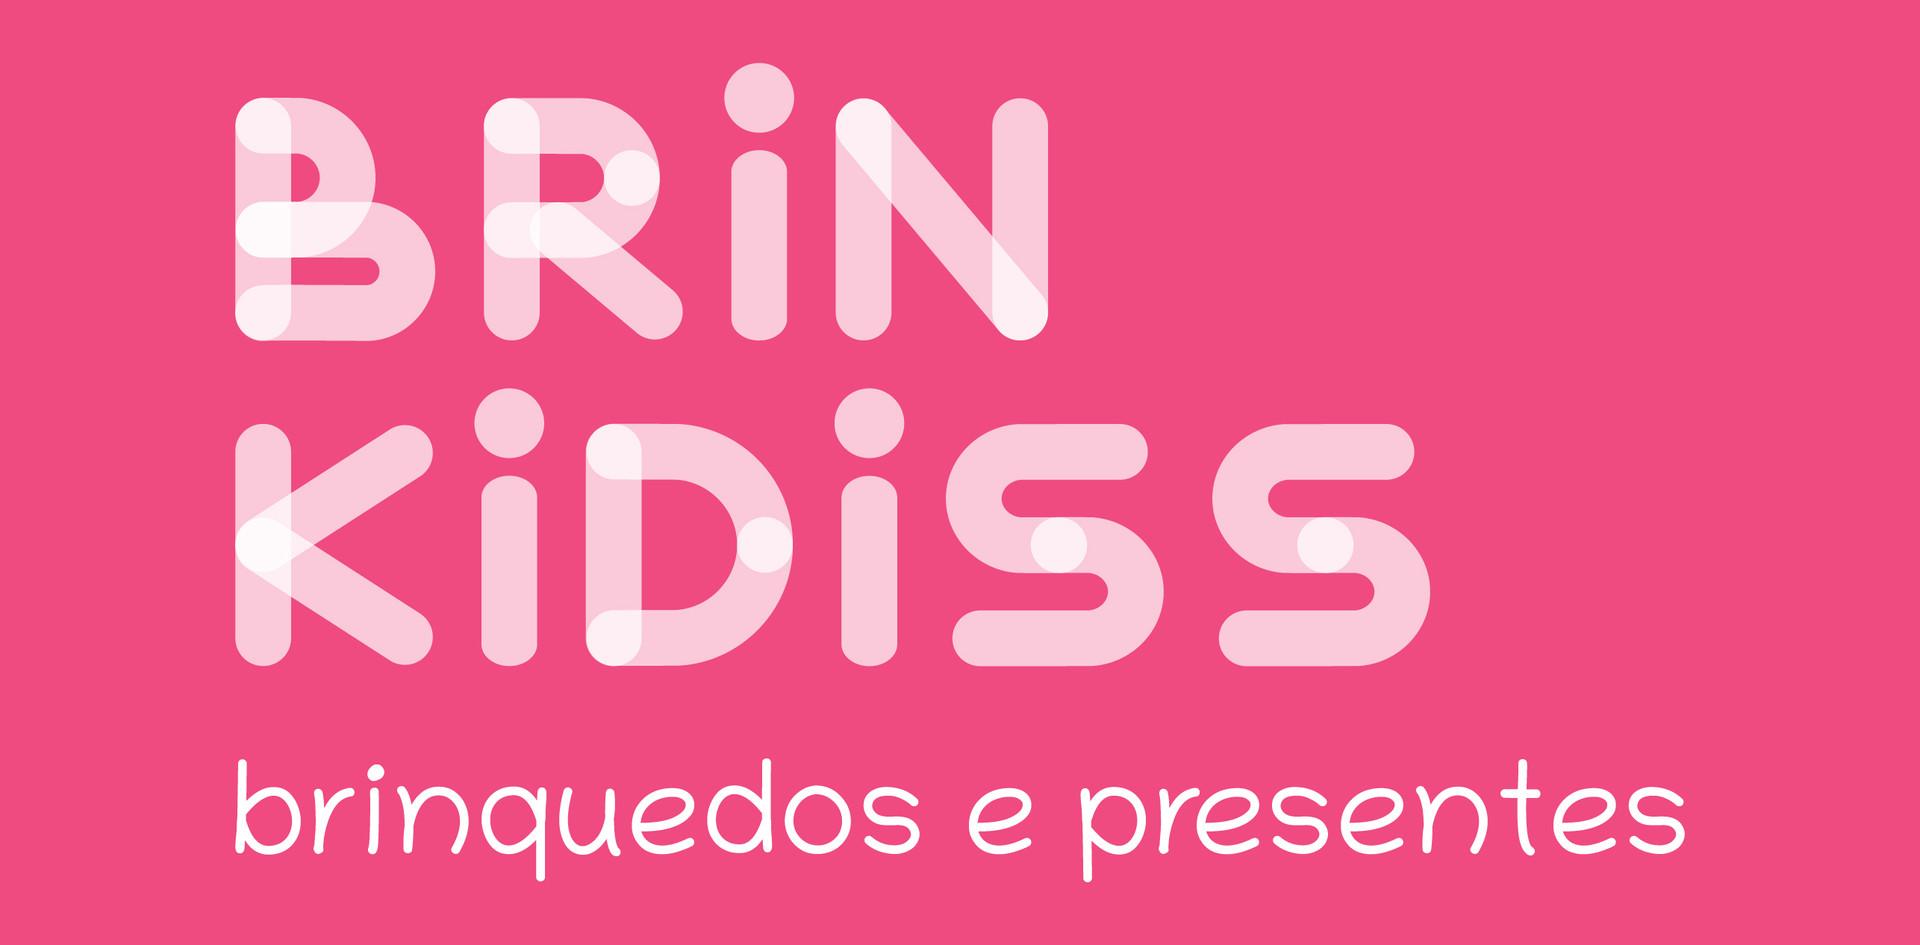 Brinkidiss_Foto perfil-04.jpg